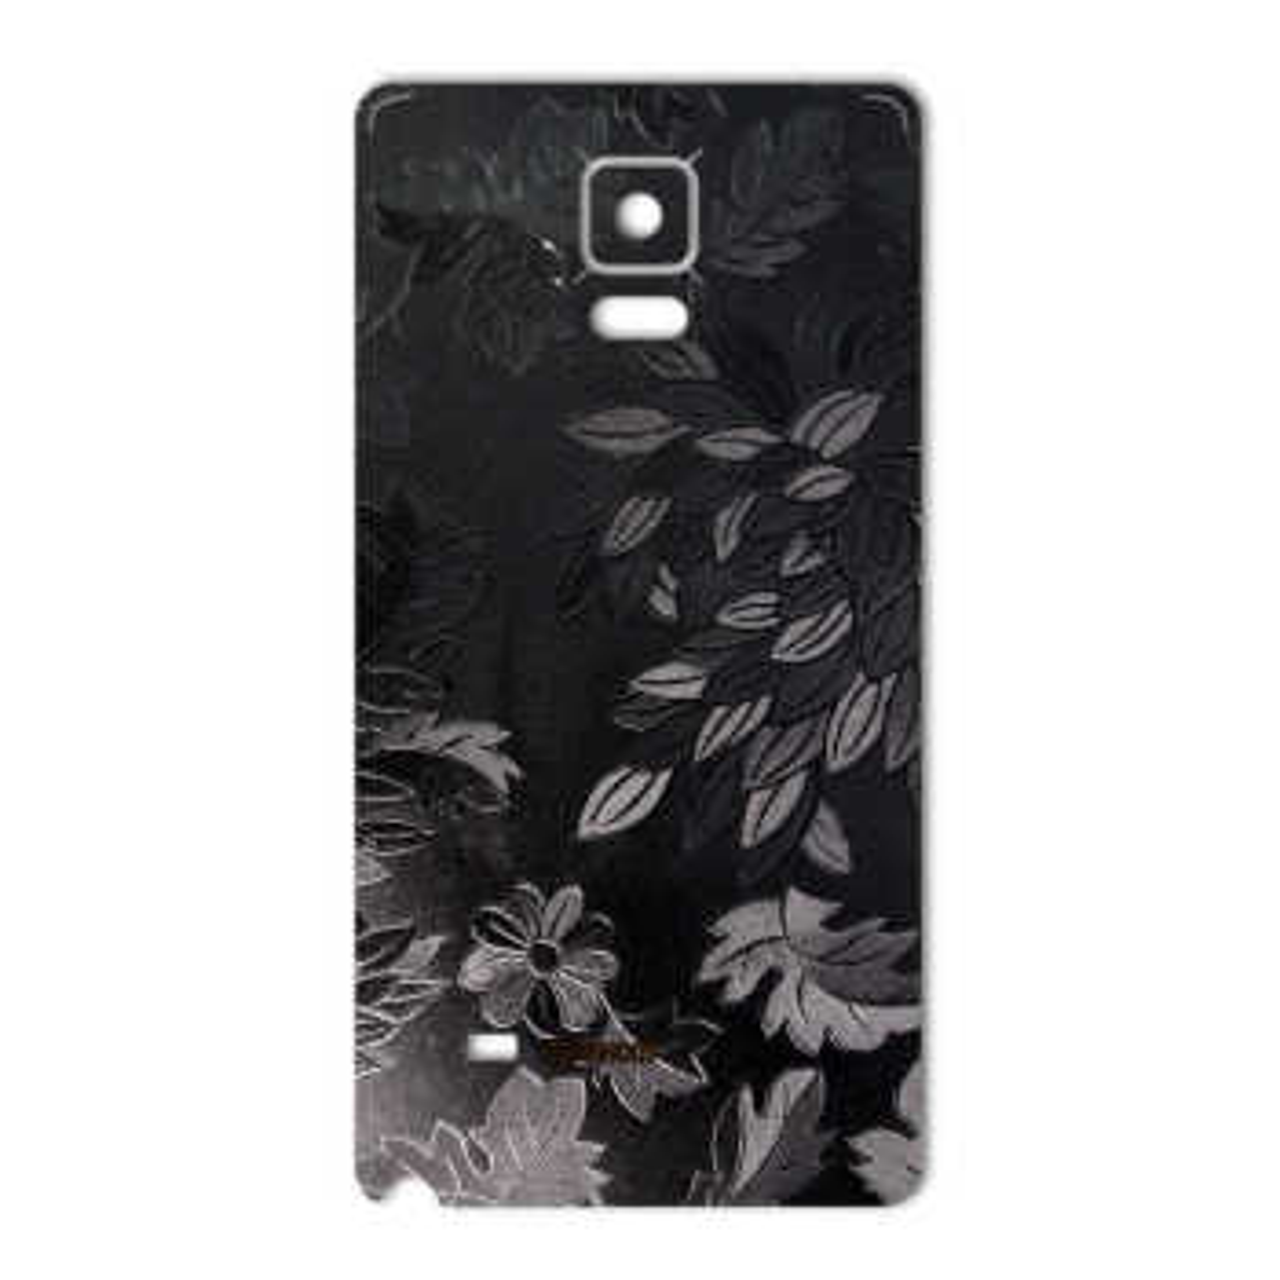 برچسب پوششی ماهوت مدل Wild-flower Texture مناسب برای گوشی  Samsung Note 4